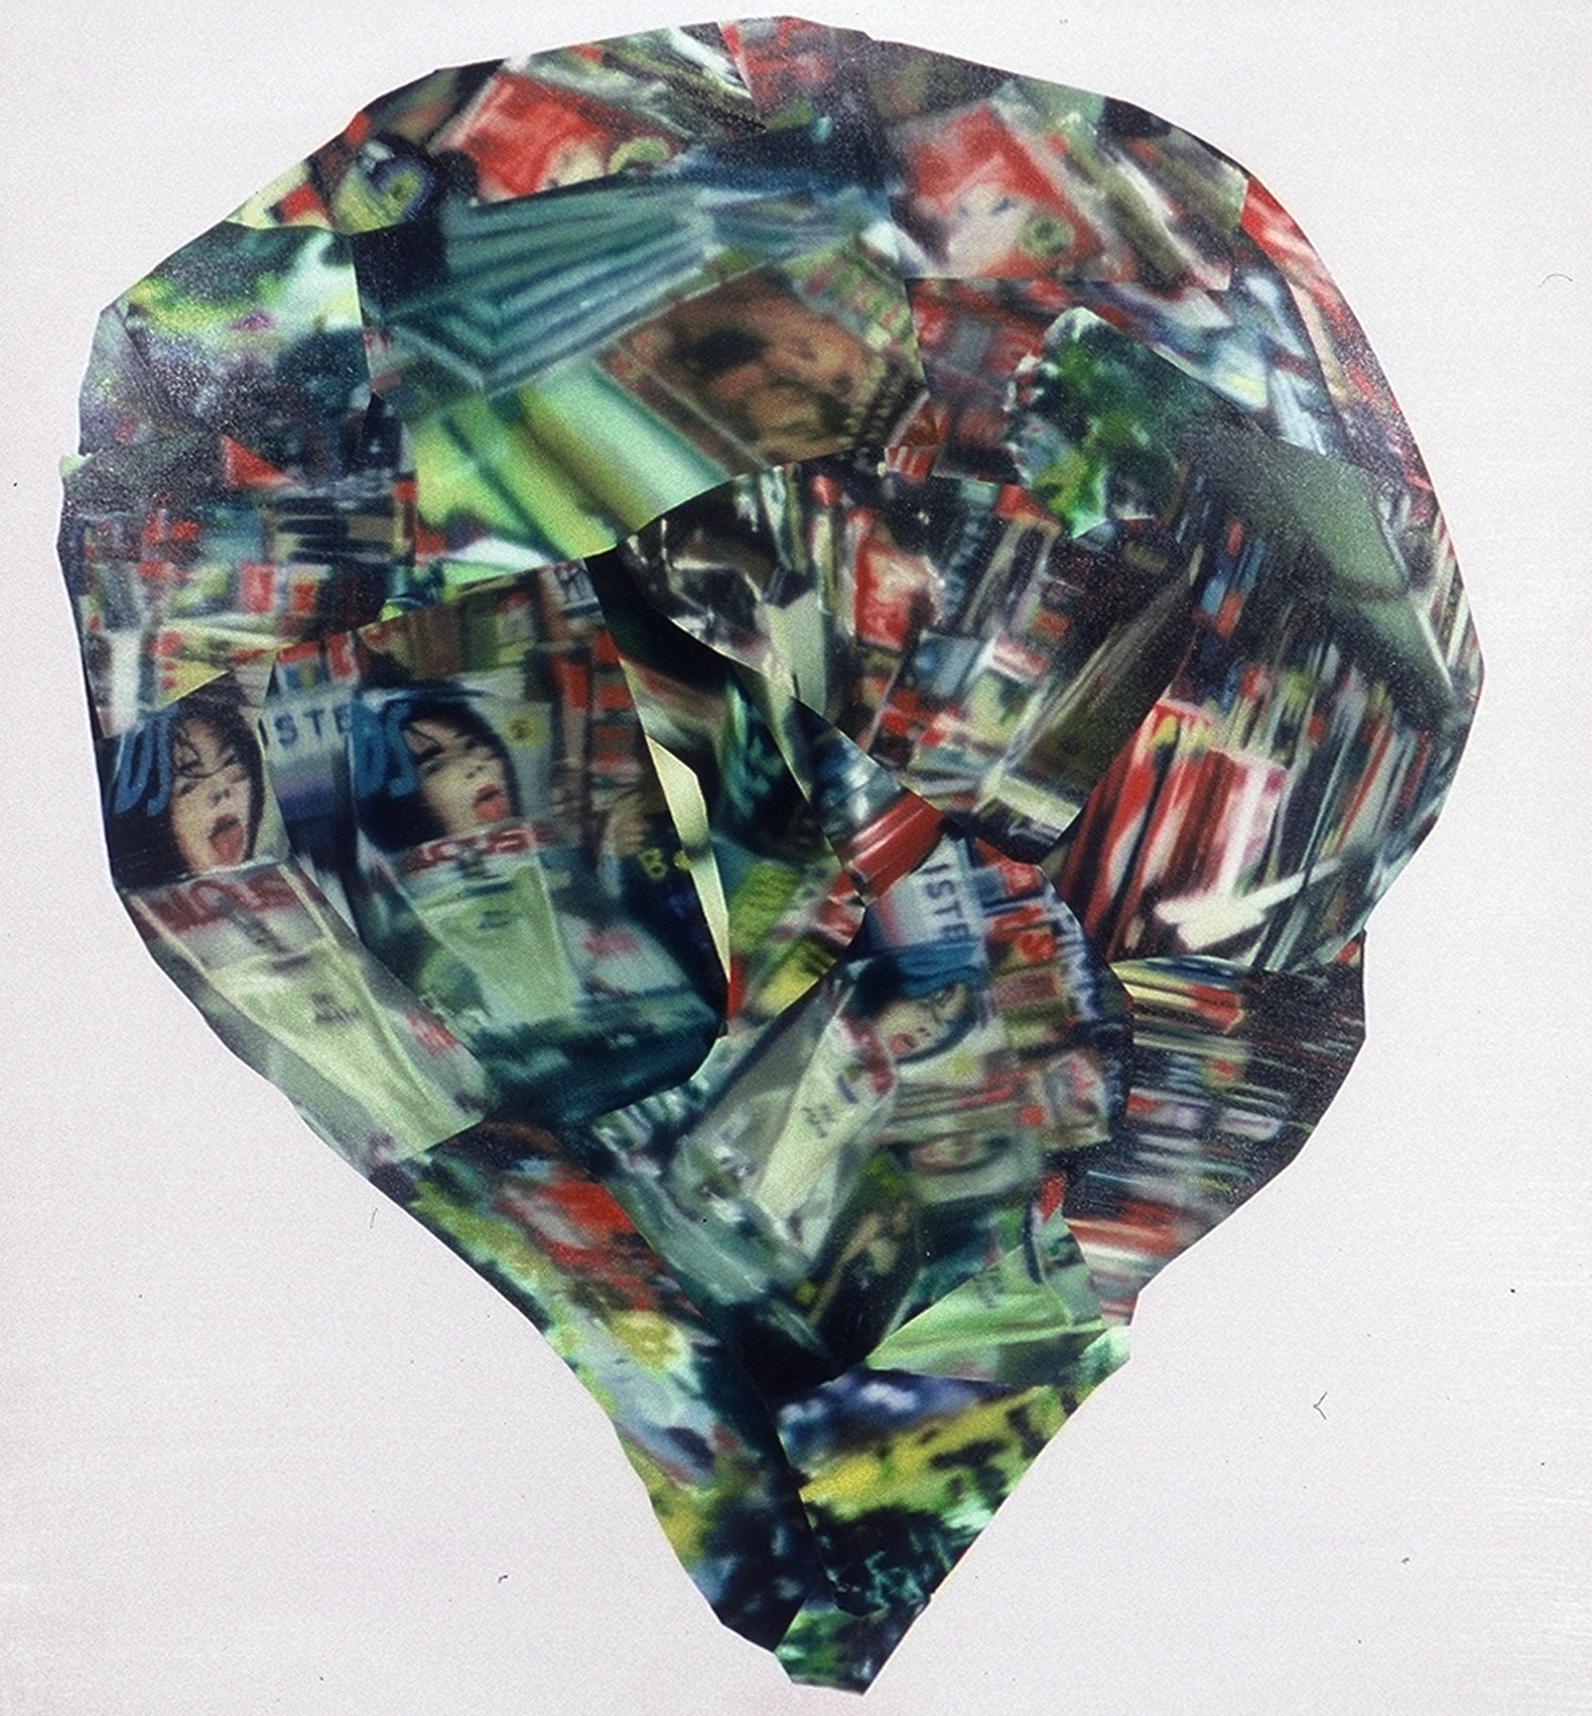 Rosewell , 2003, oil on canvas, 162 x 140cm. Collection Ville de Saint Ouen, France